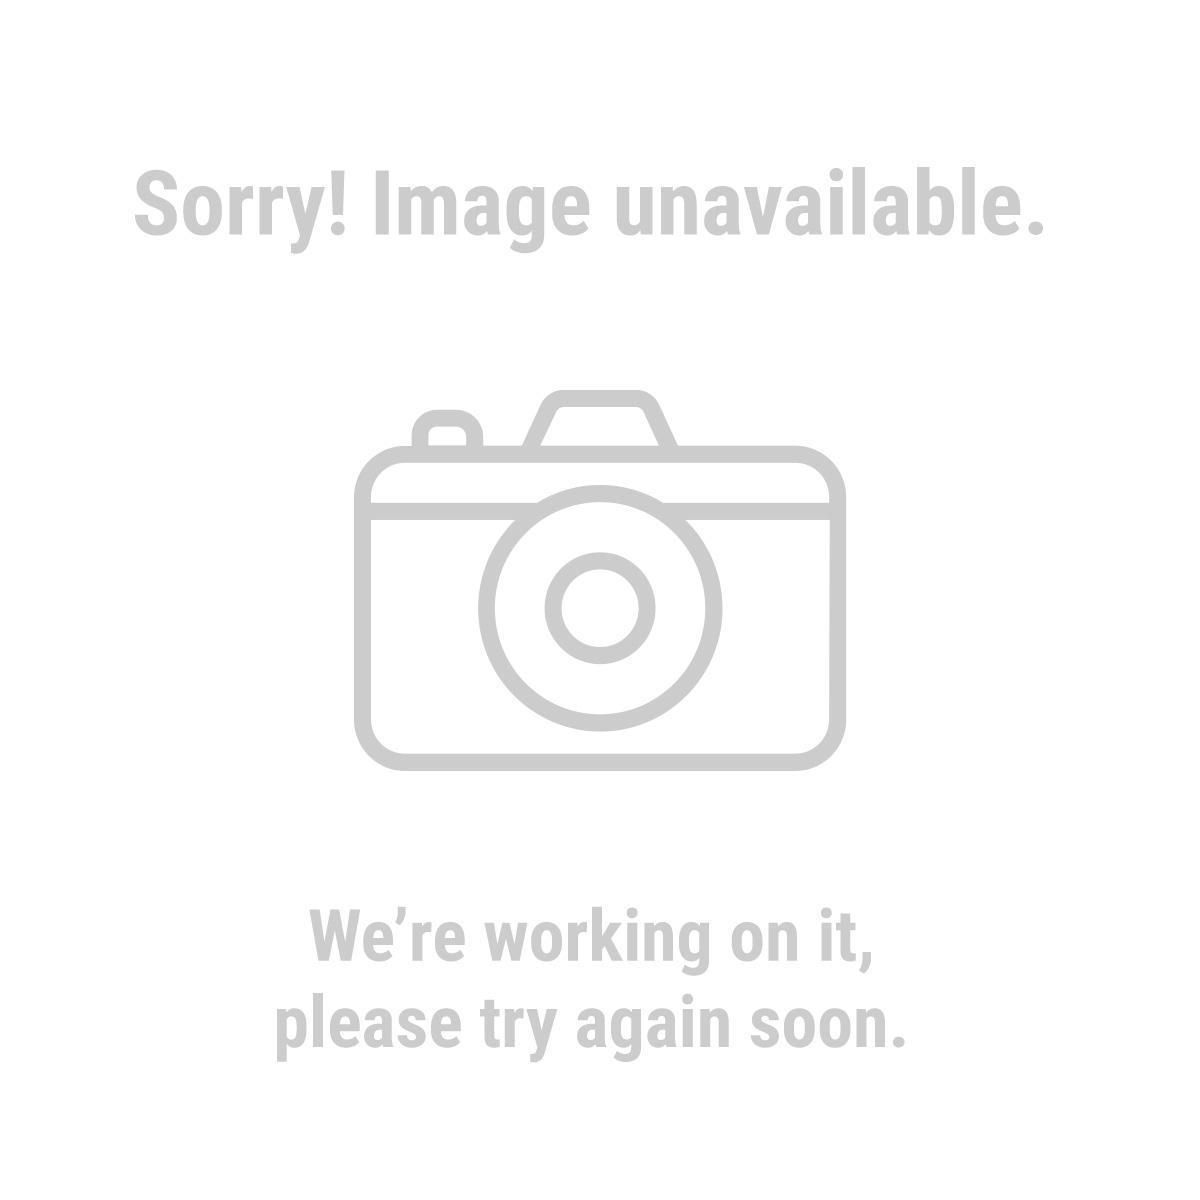 Haul-Master 92655 500 lb. Aluminum Cargo Carrier